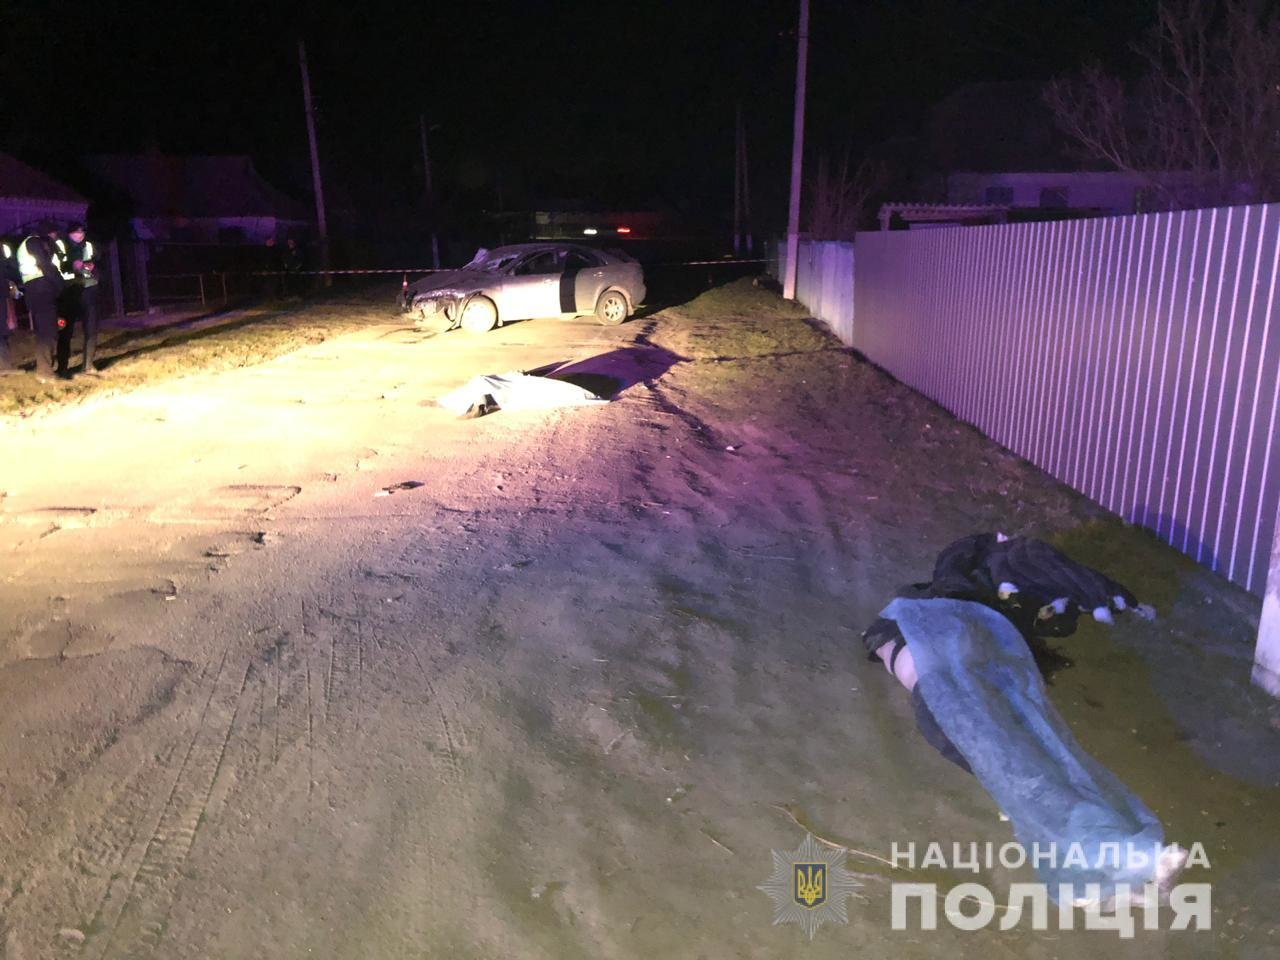 Поліція затримала молодика, який на Білоцерківщині насмерть збив двох дівчат , фото-1